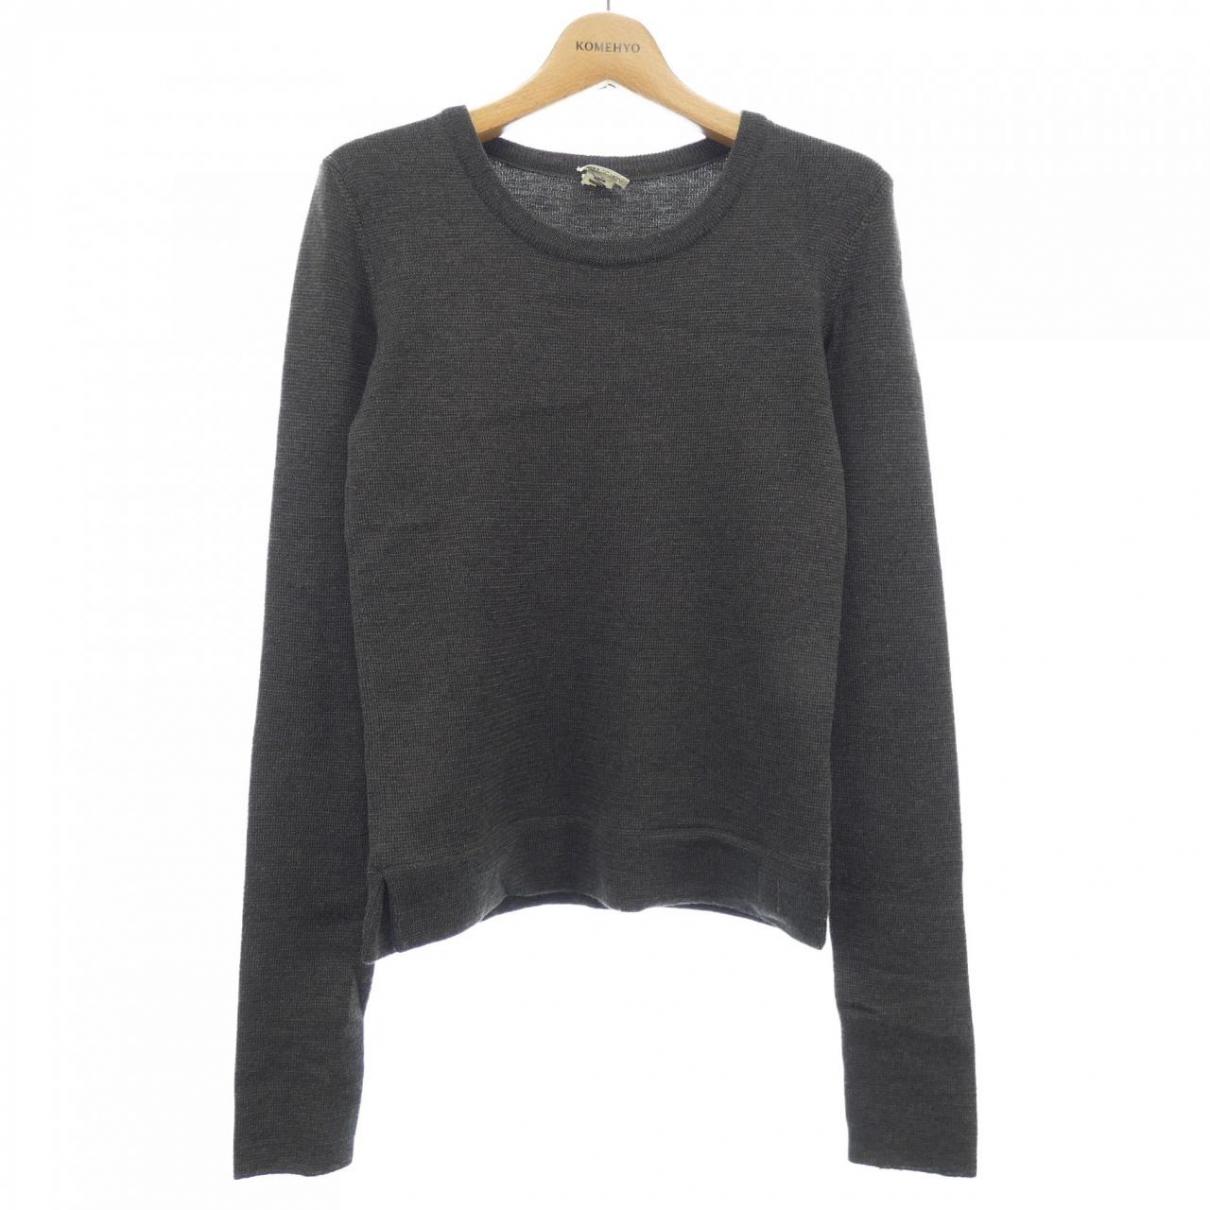 Hermes - Pull   pour femme en coton - gris